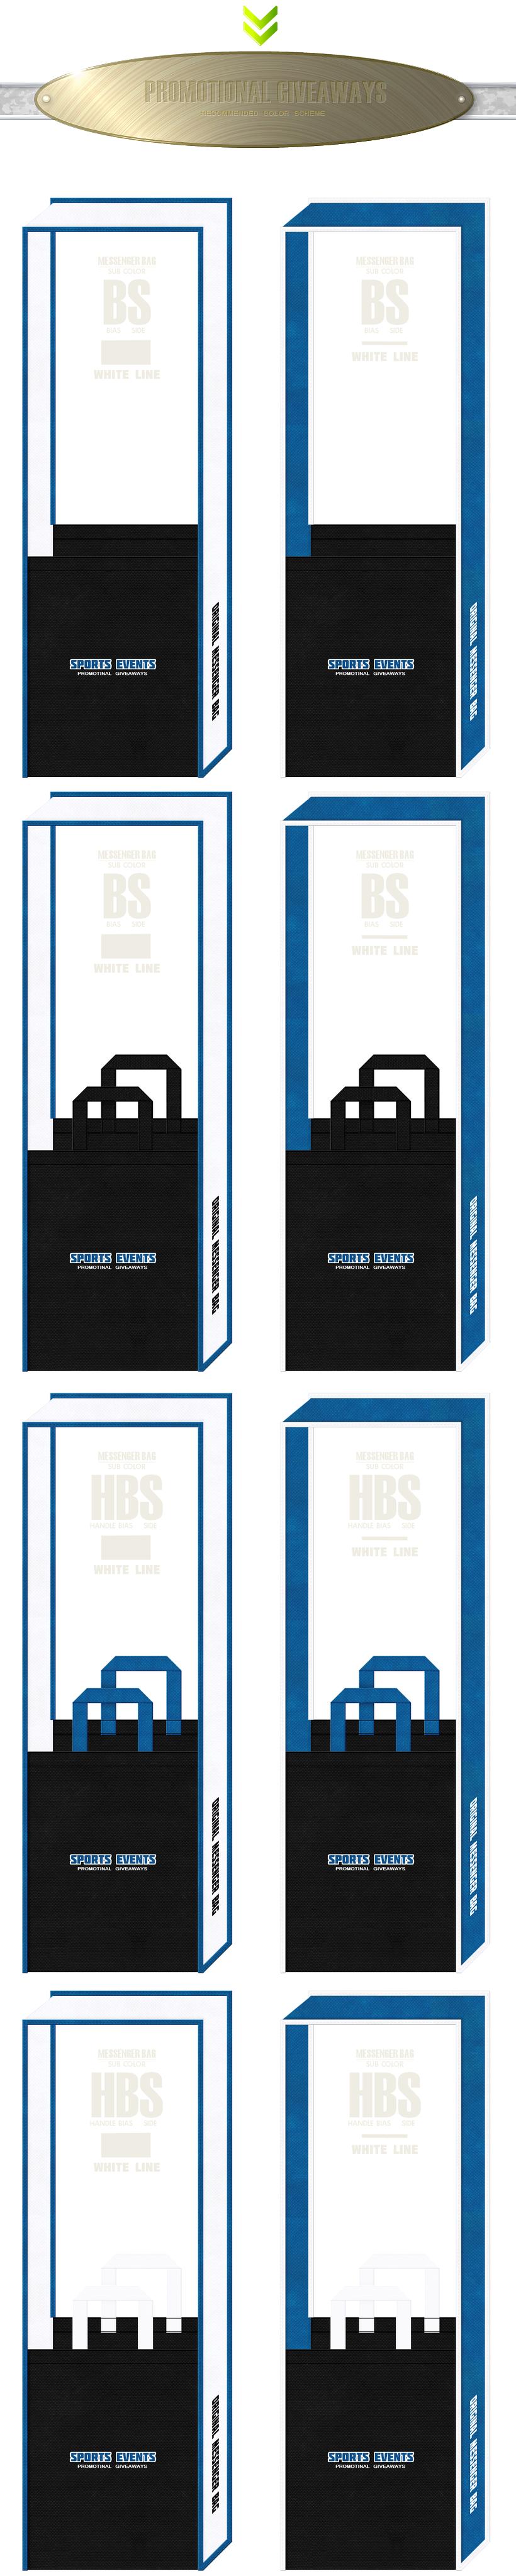 黒色・青色・白色の3色仕様の不織布メッセンジャーバッグのカラーシミュレーション:スポーツイベントのノベルティ